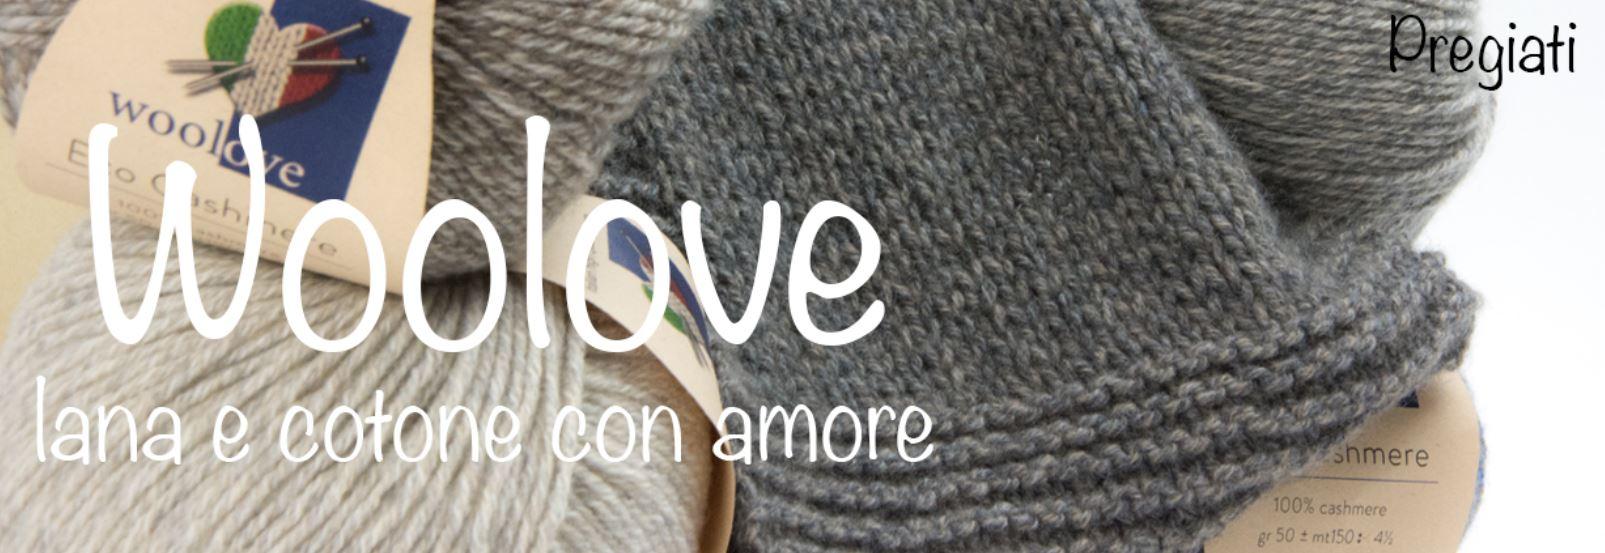 Katrincola yarn - prodej přírodních pletacích přízí 9002562da2